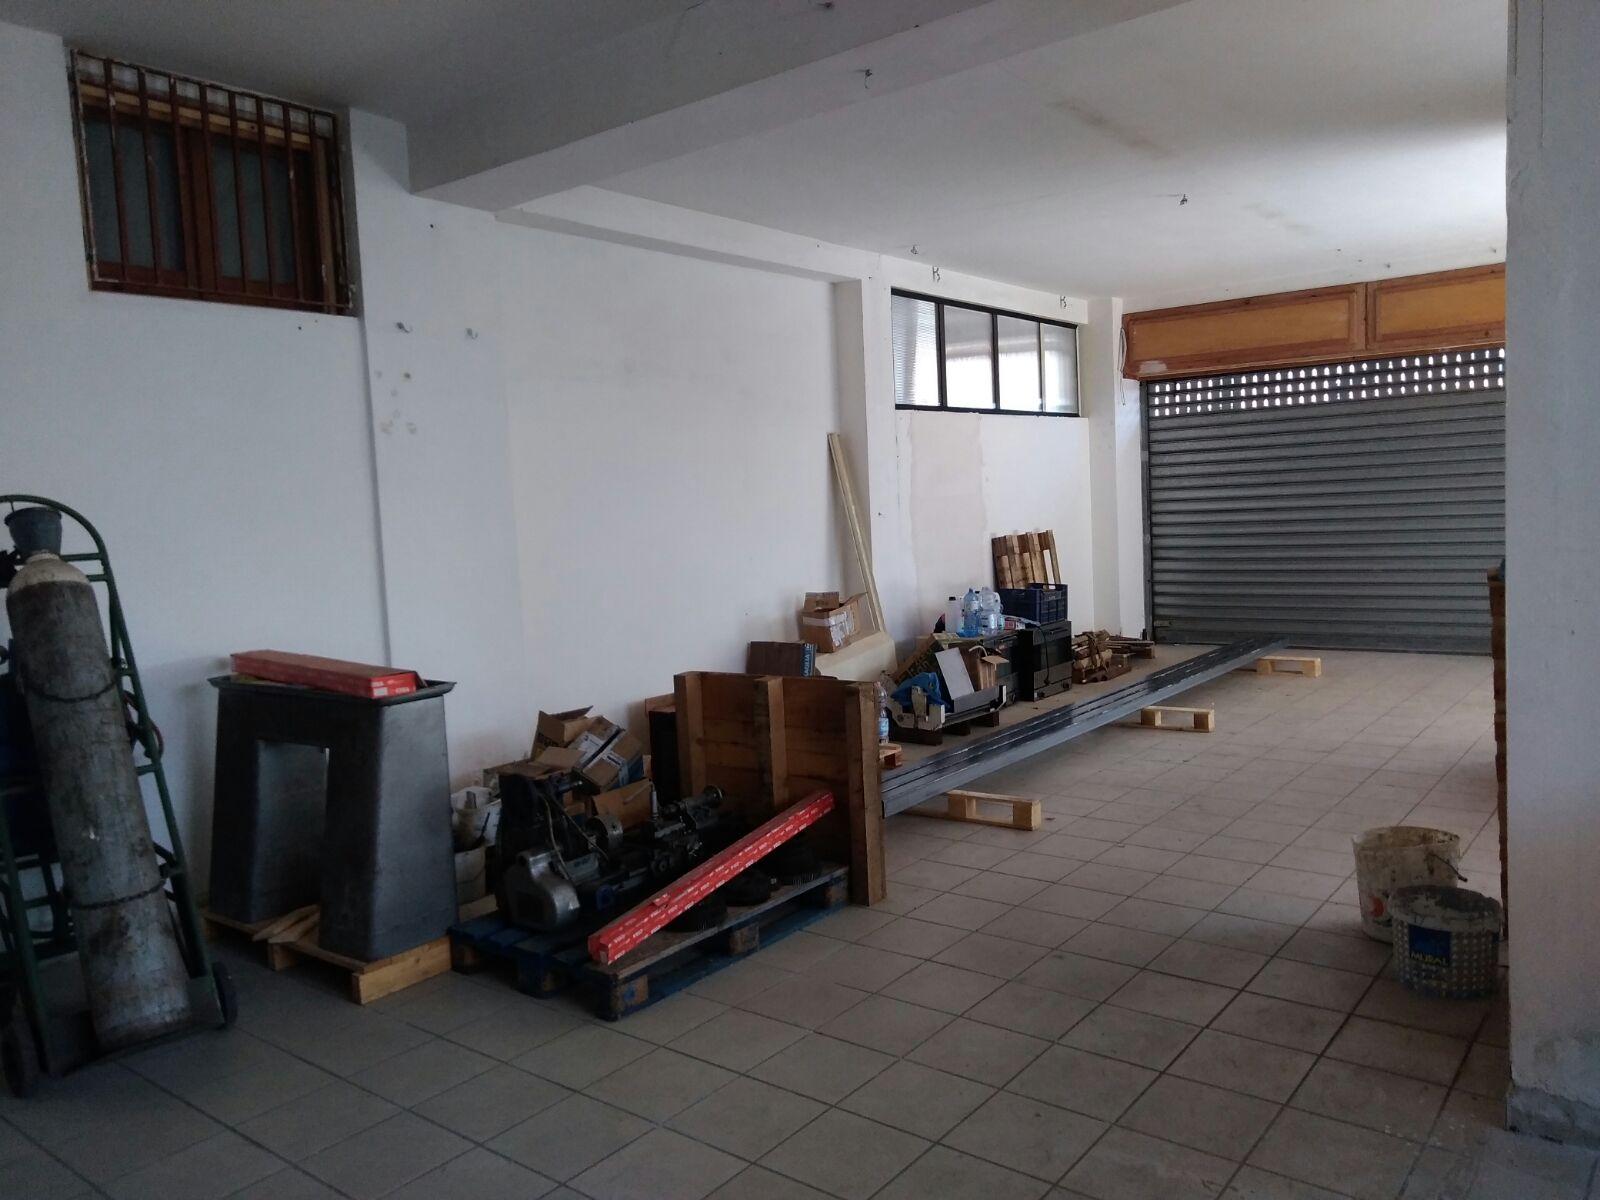 Negozio / Locale in affitto a Pellezzano, 9999 locali, prezzo € 700 | CambioCasa.it